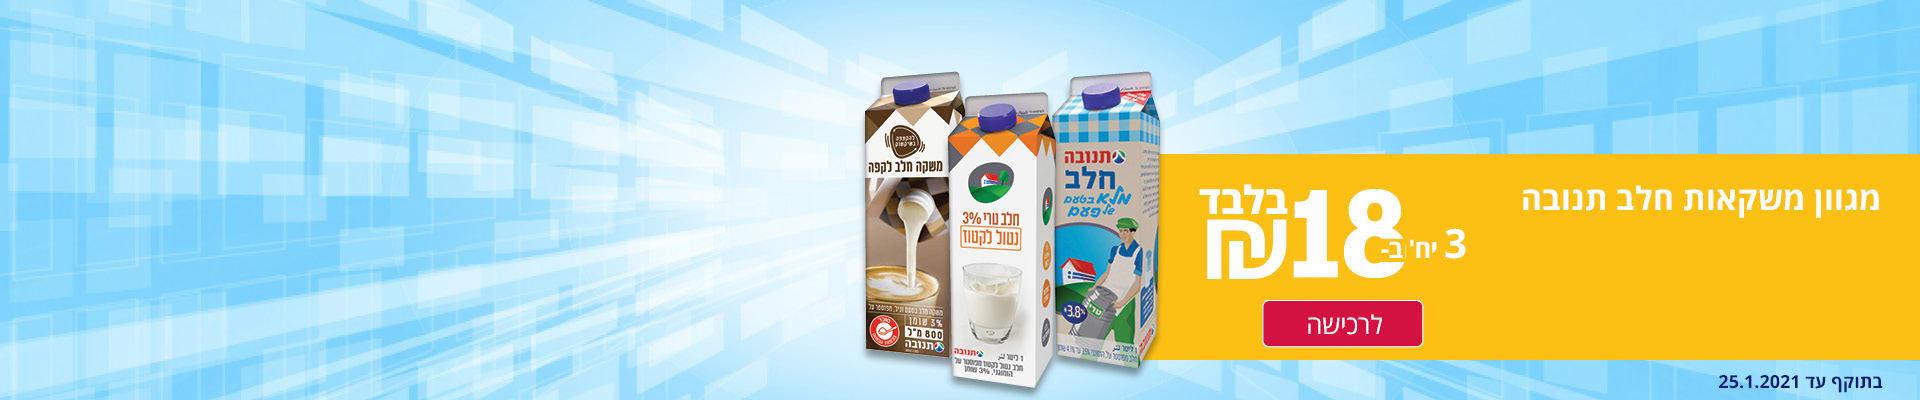 מגוון משקאות חלב תנובה 3 יח' ב- 18 ₪ בלבד לרכישה בתוקף עד 25.1.2021